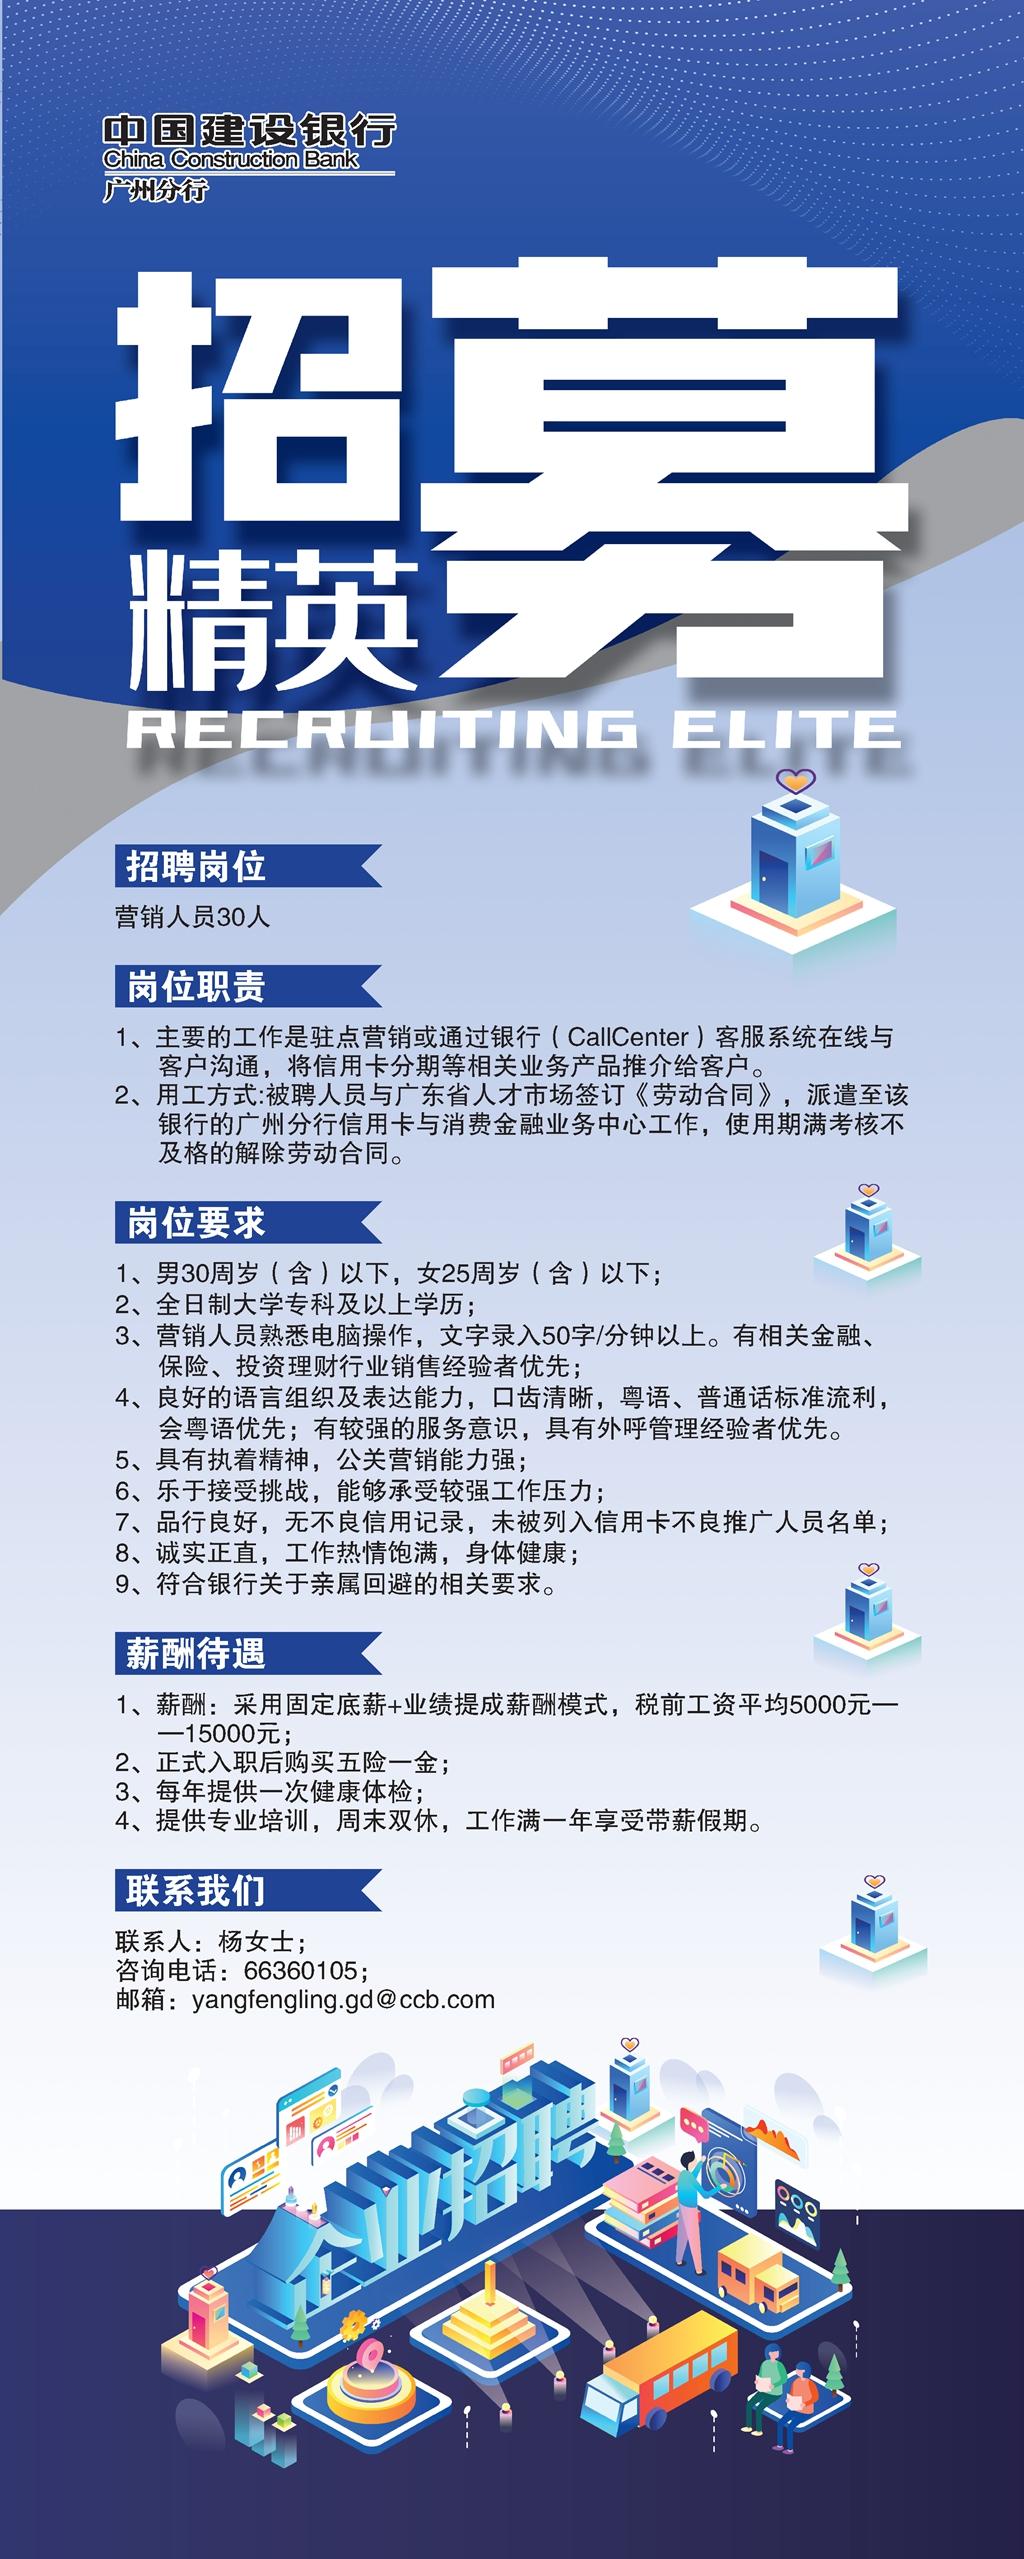 中国建设银行招聘